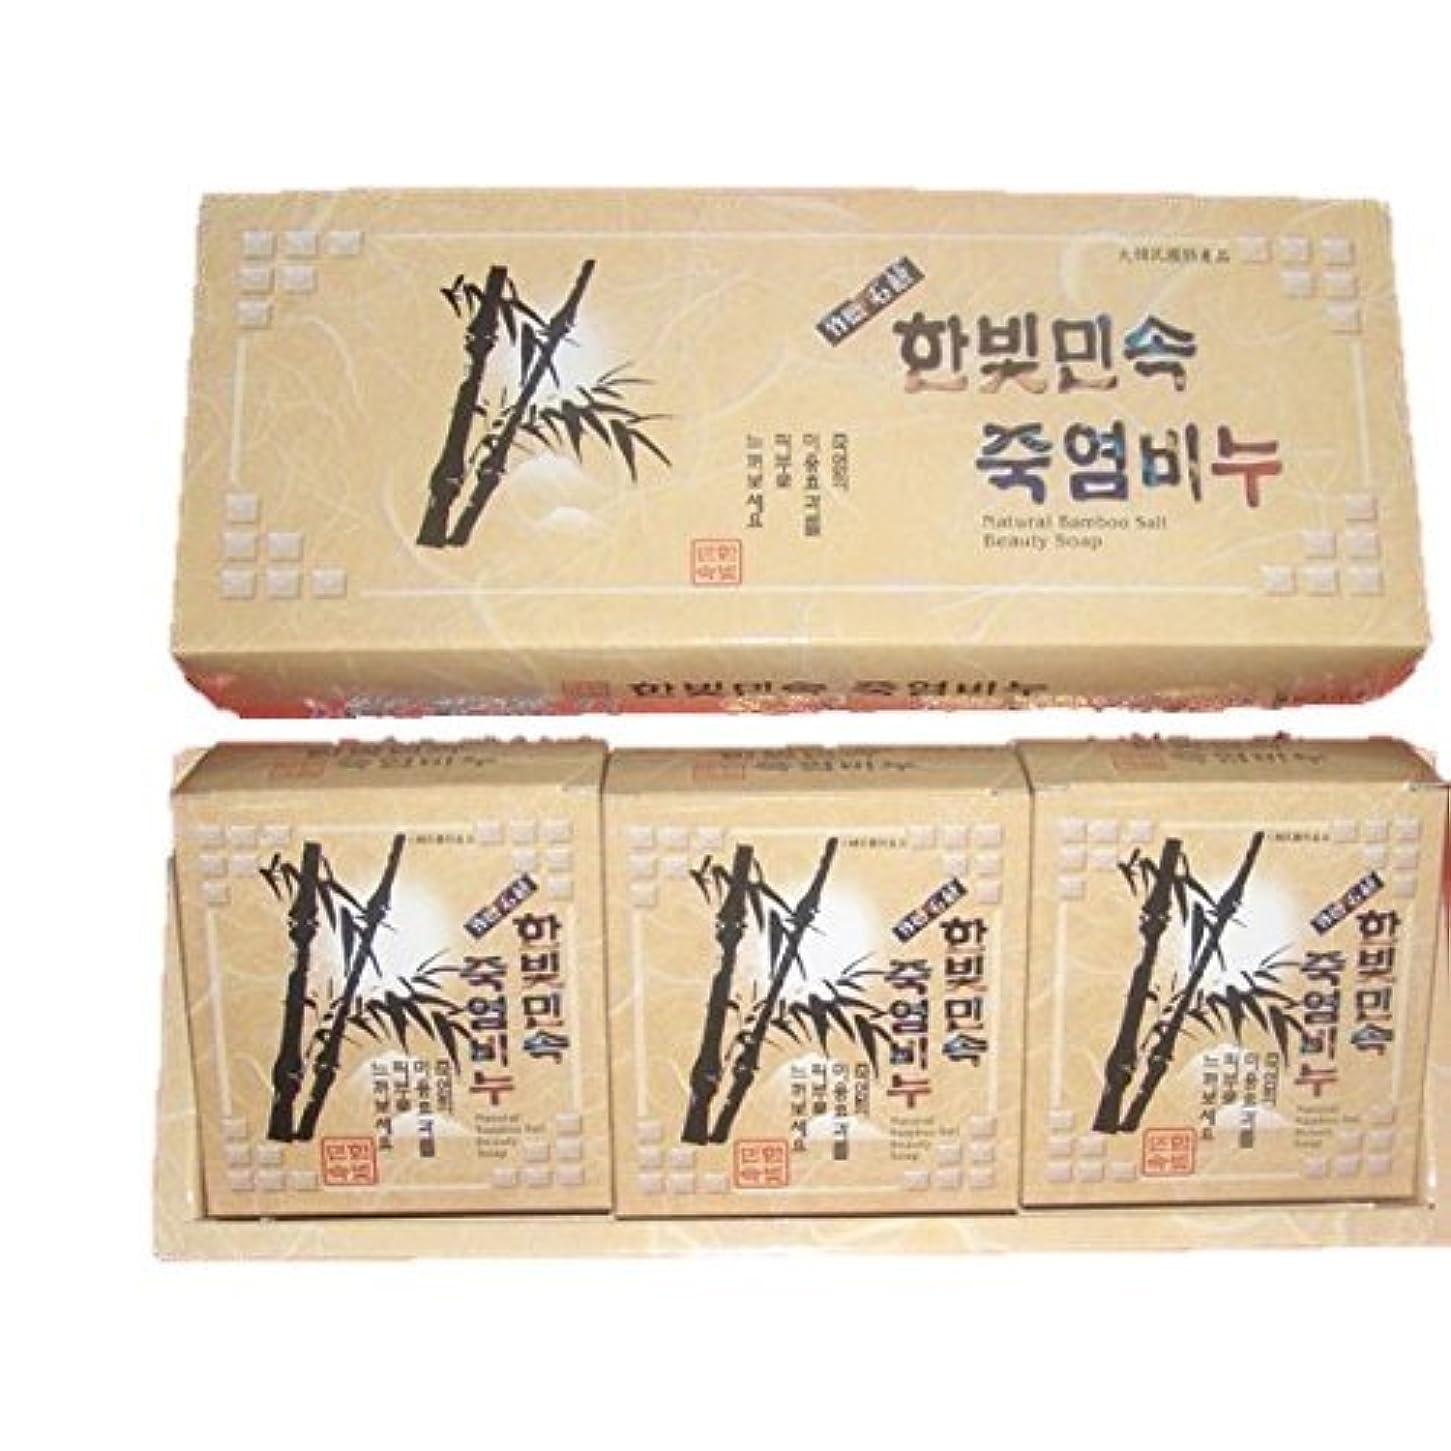 蘇生するブラケット句読点(韓国ブランド) 竹塩石鹸 (3個×3セット)